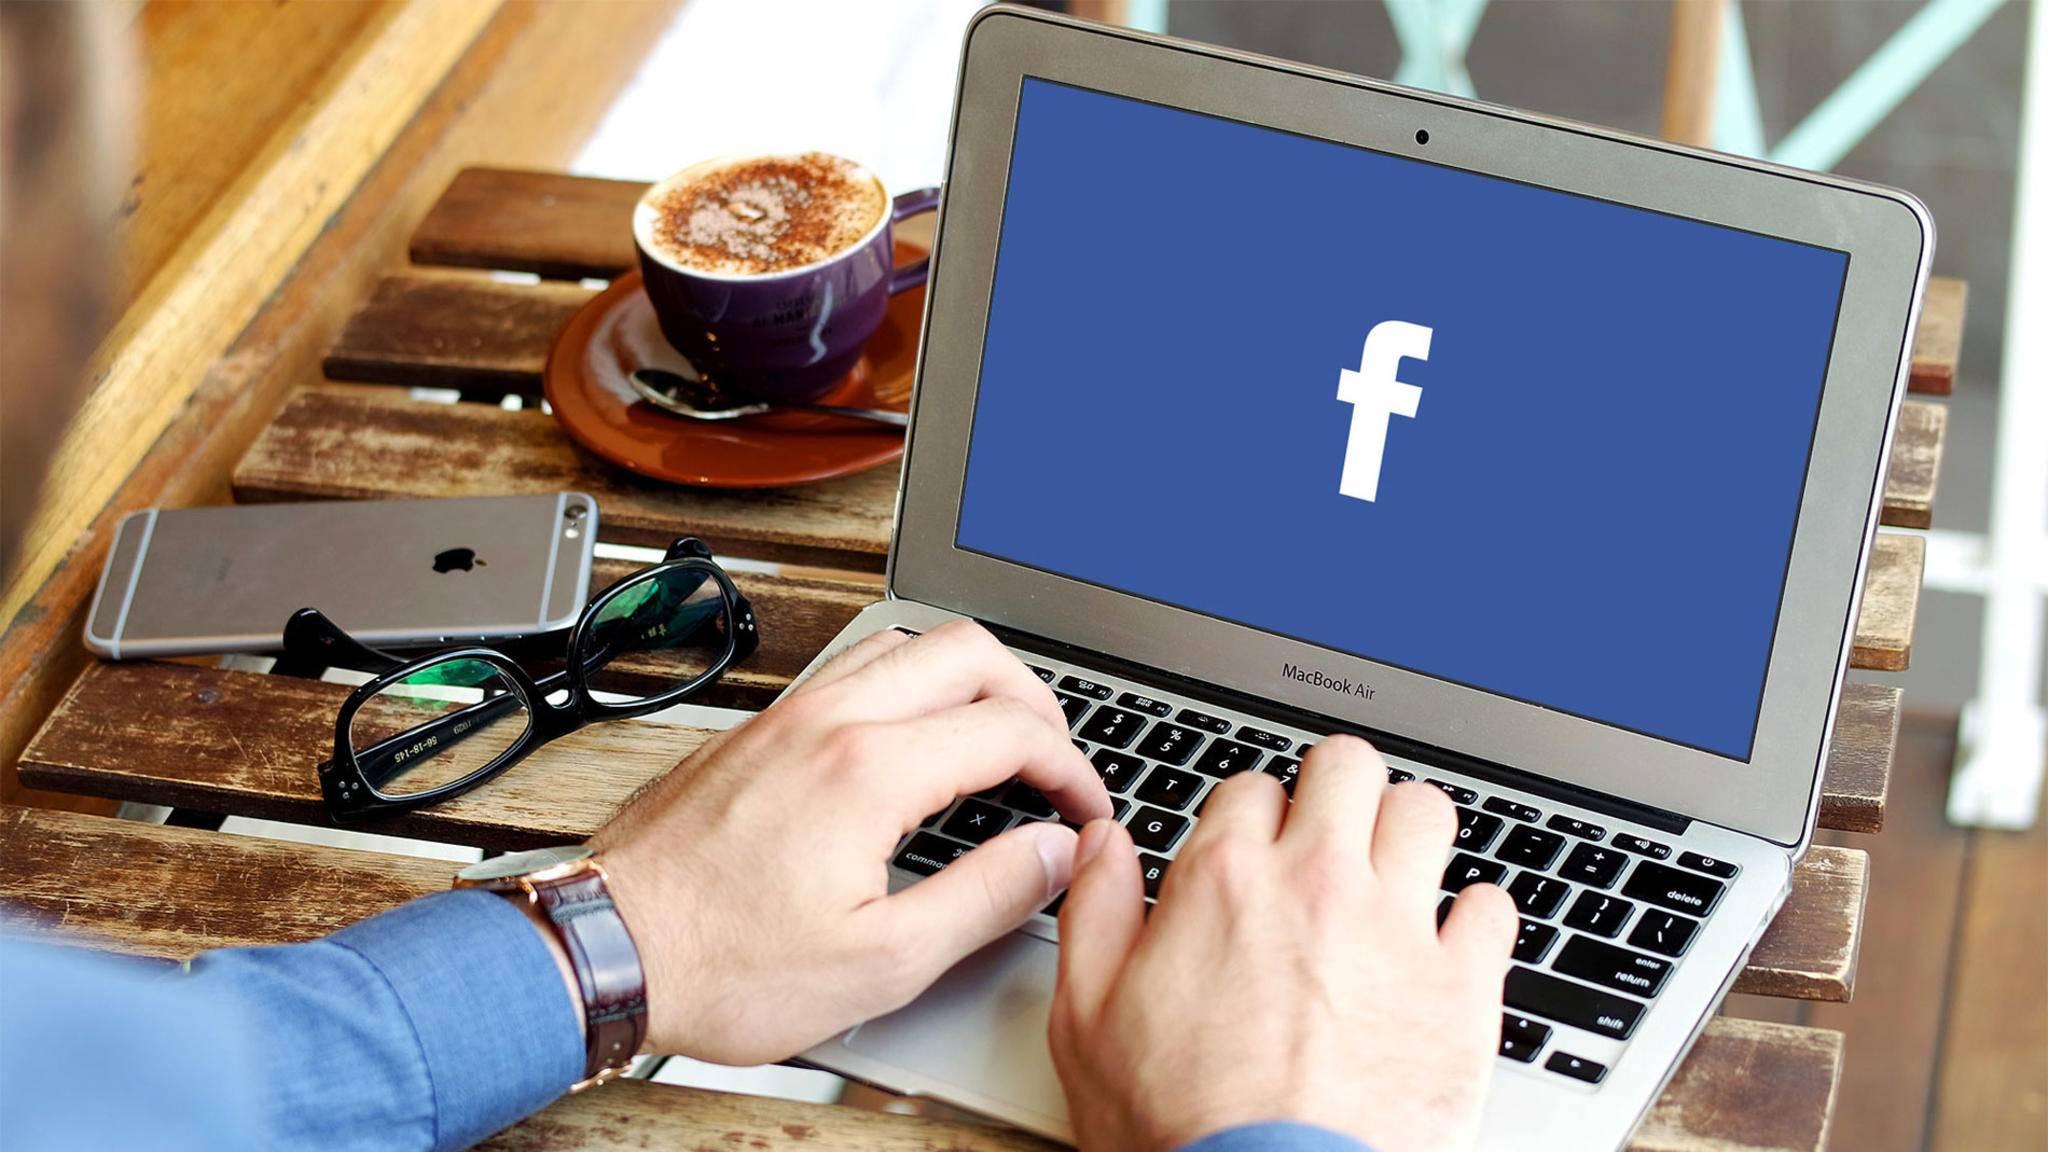 Facebook möchte LinkedIn mit einem Feature für Jobangebote herausfordern.